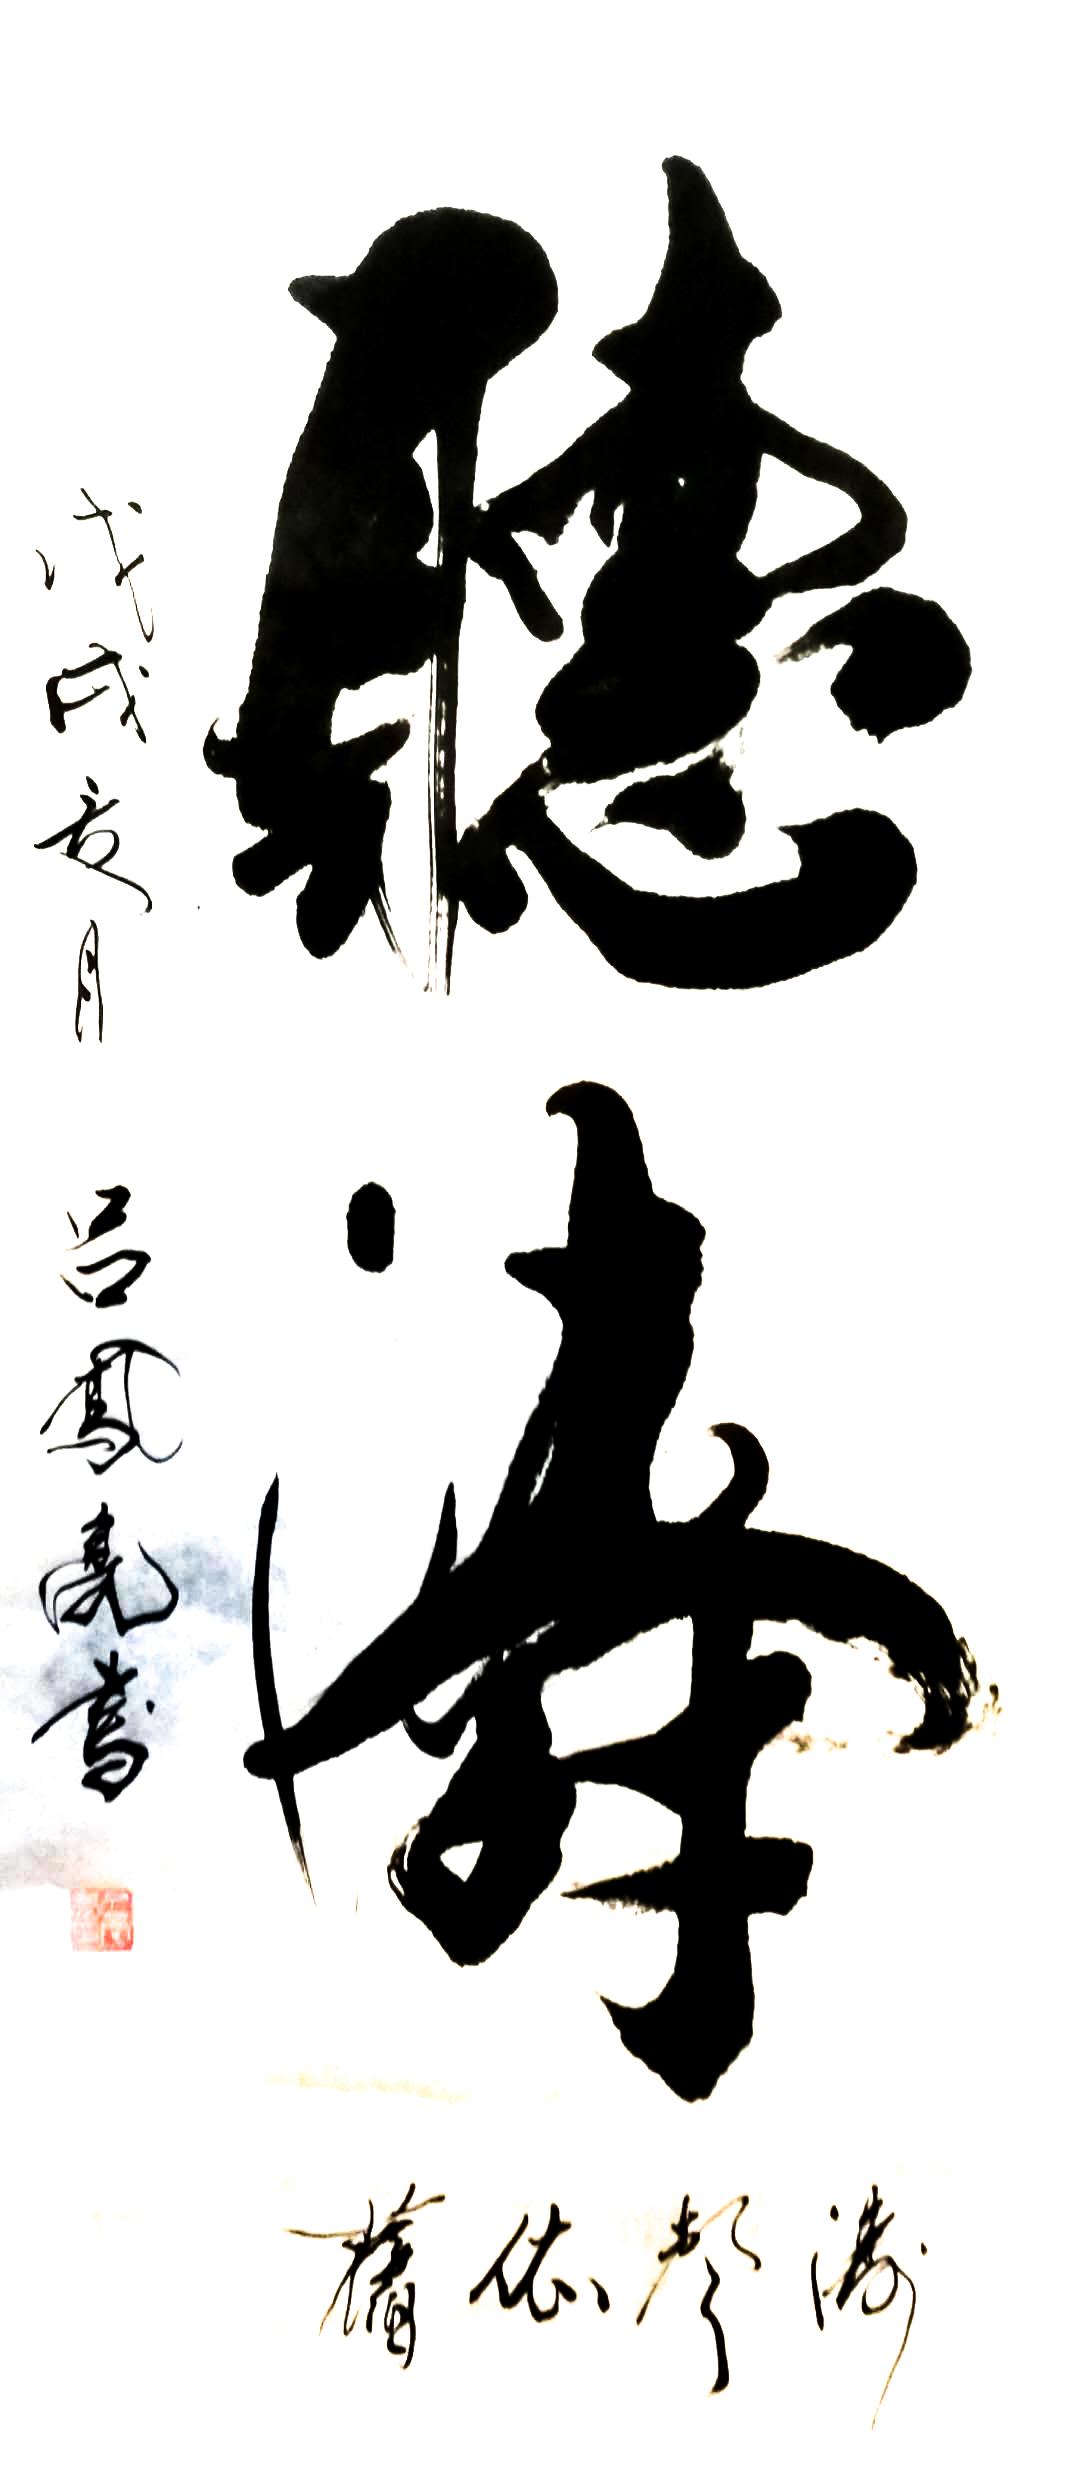 书法家吕凤亮艺术作品欣赏:墨雕情怀气磅礴、纸上流韵展恢宏